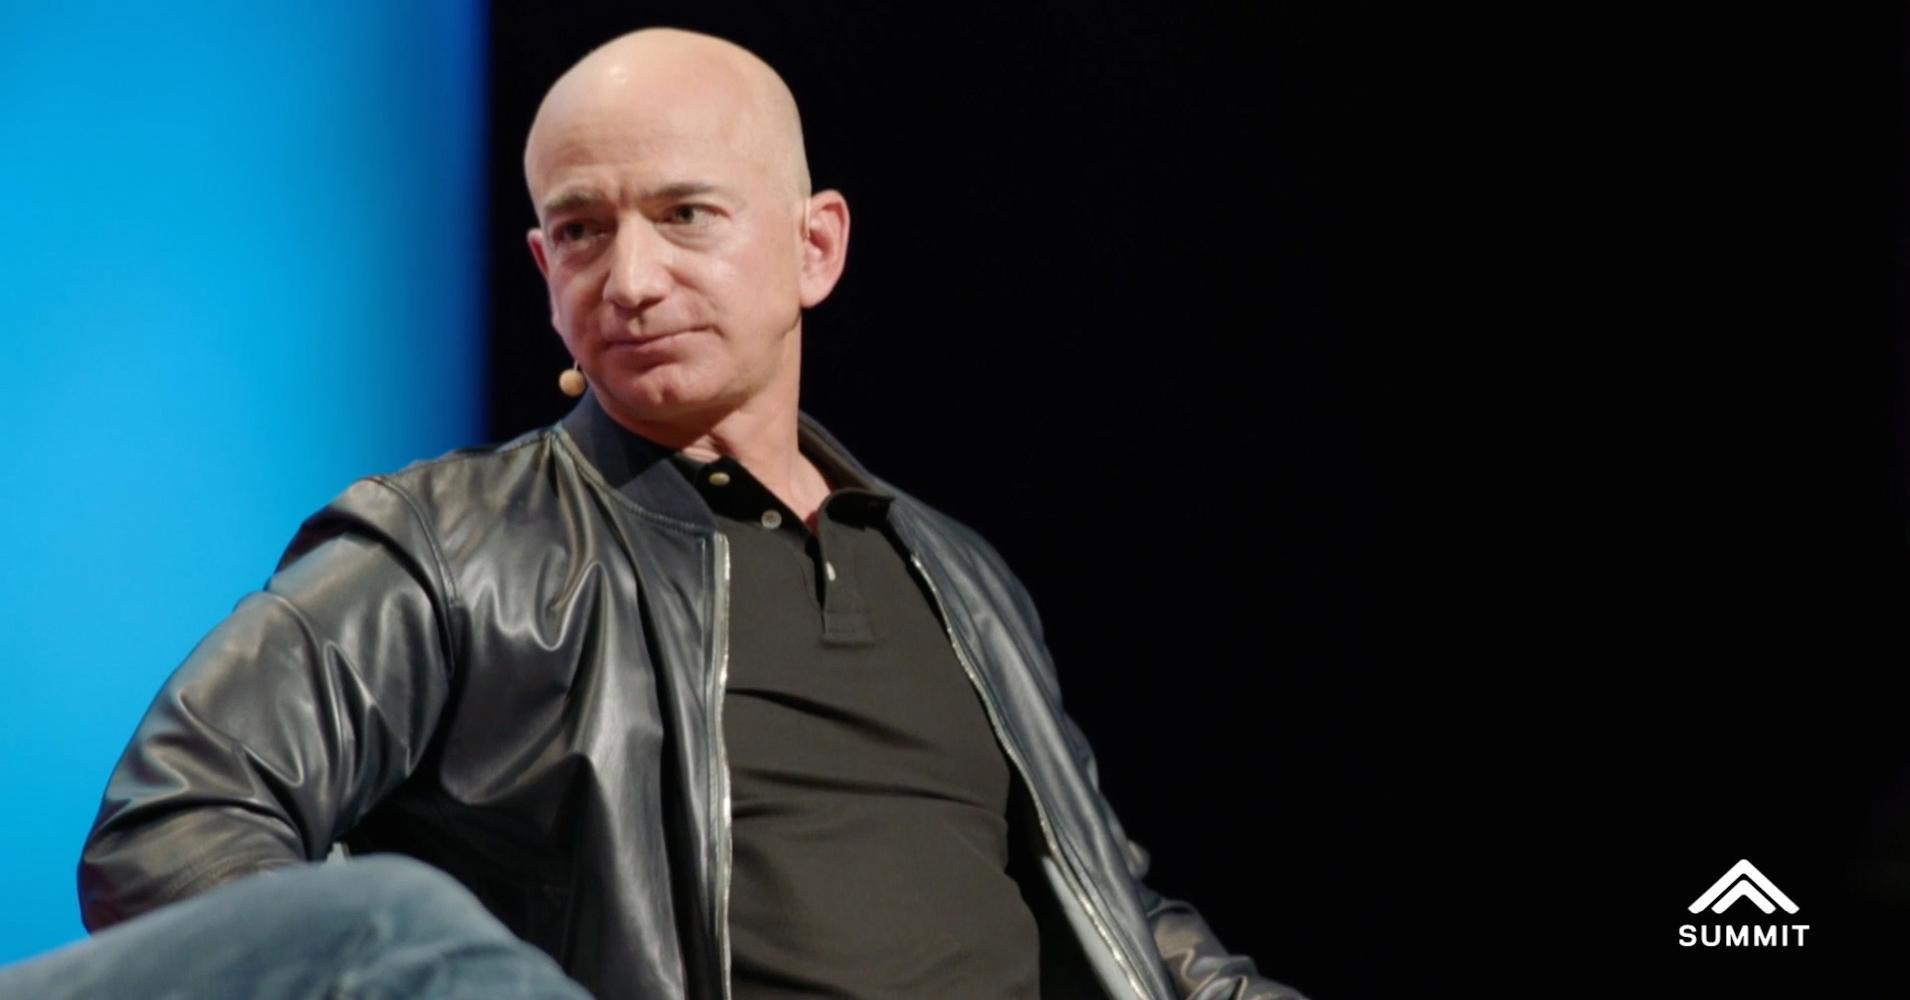 Bezos zenginleşmesinde şirketinin Şükran Günü sonrasındaki 5 haftalık süreçte online harcamalarda...